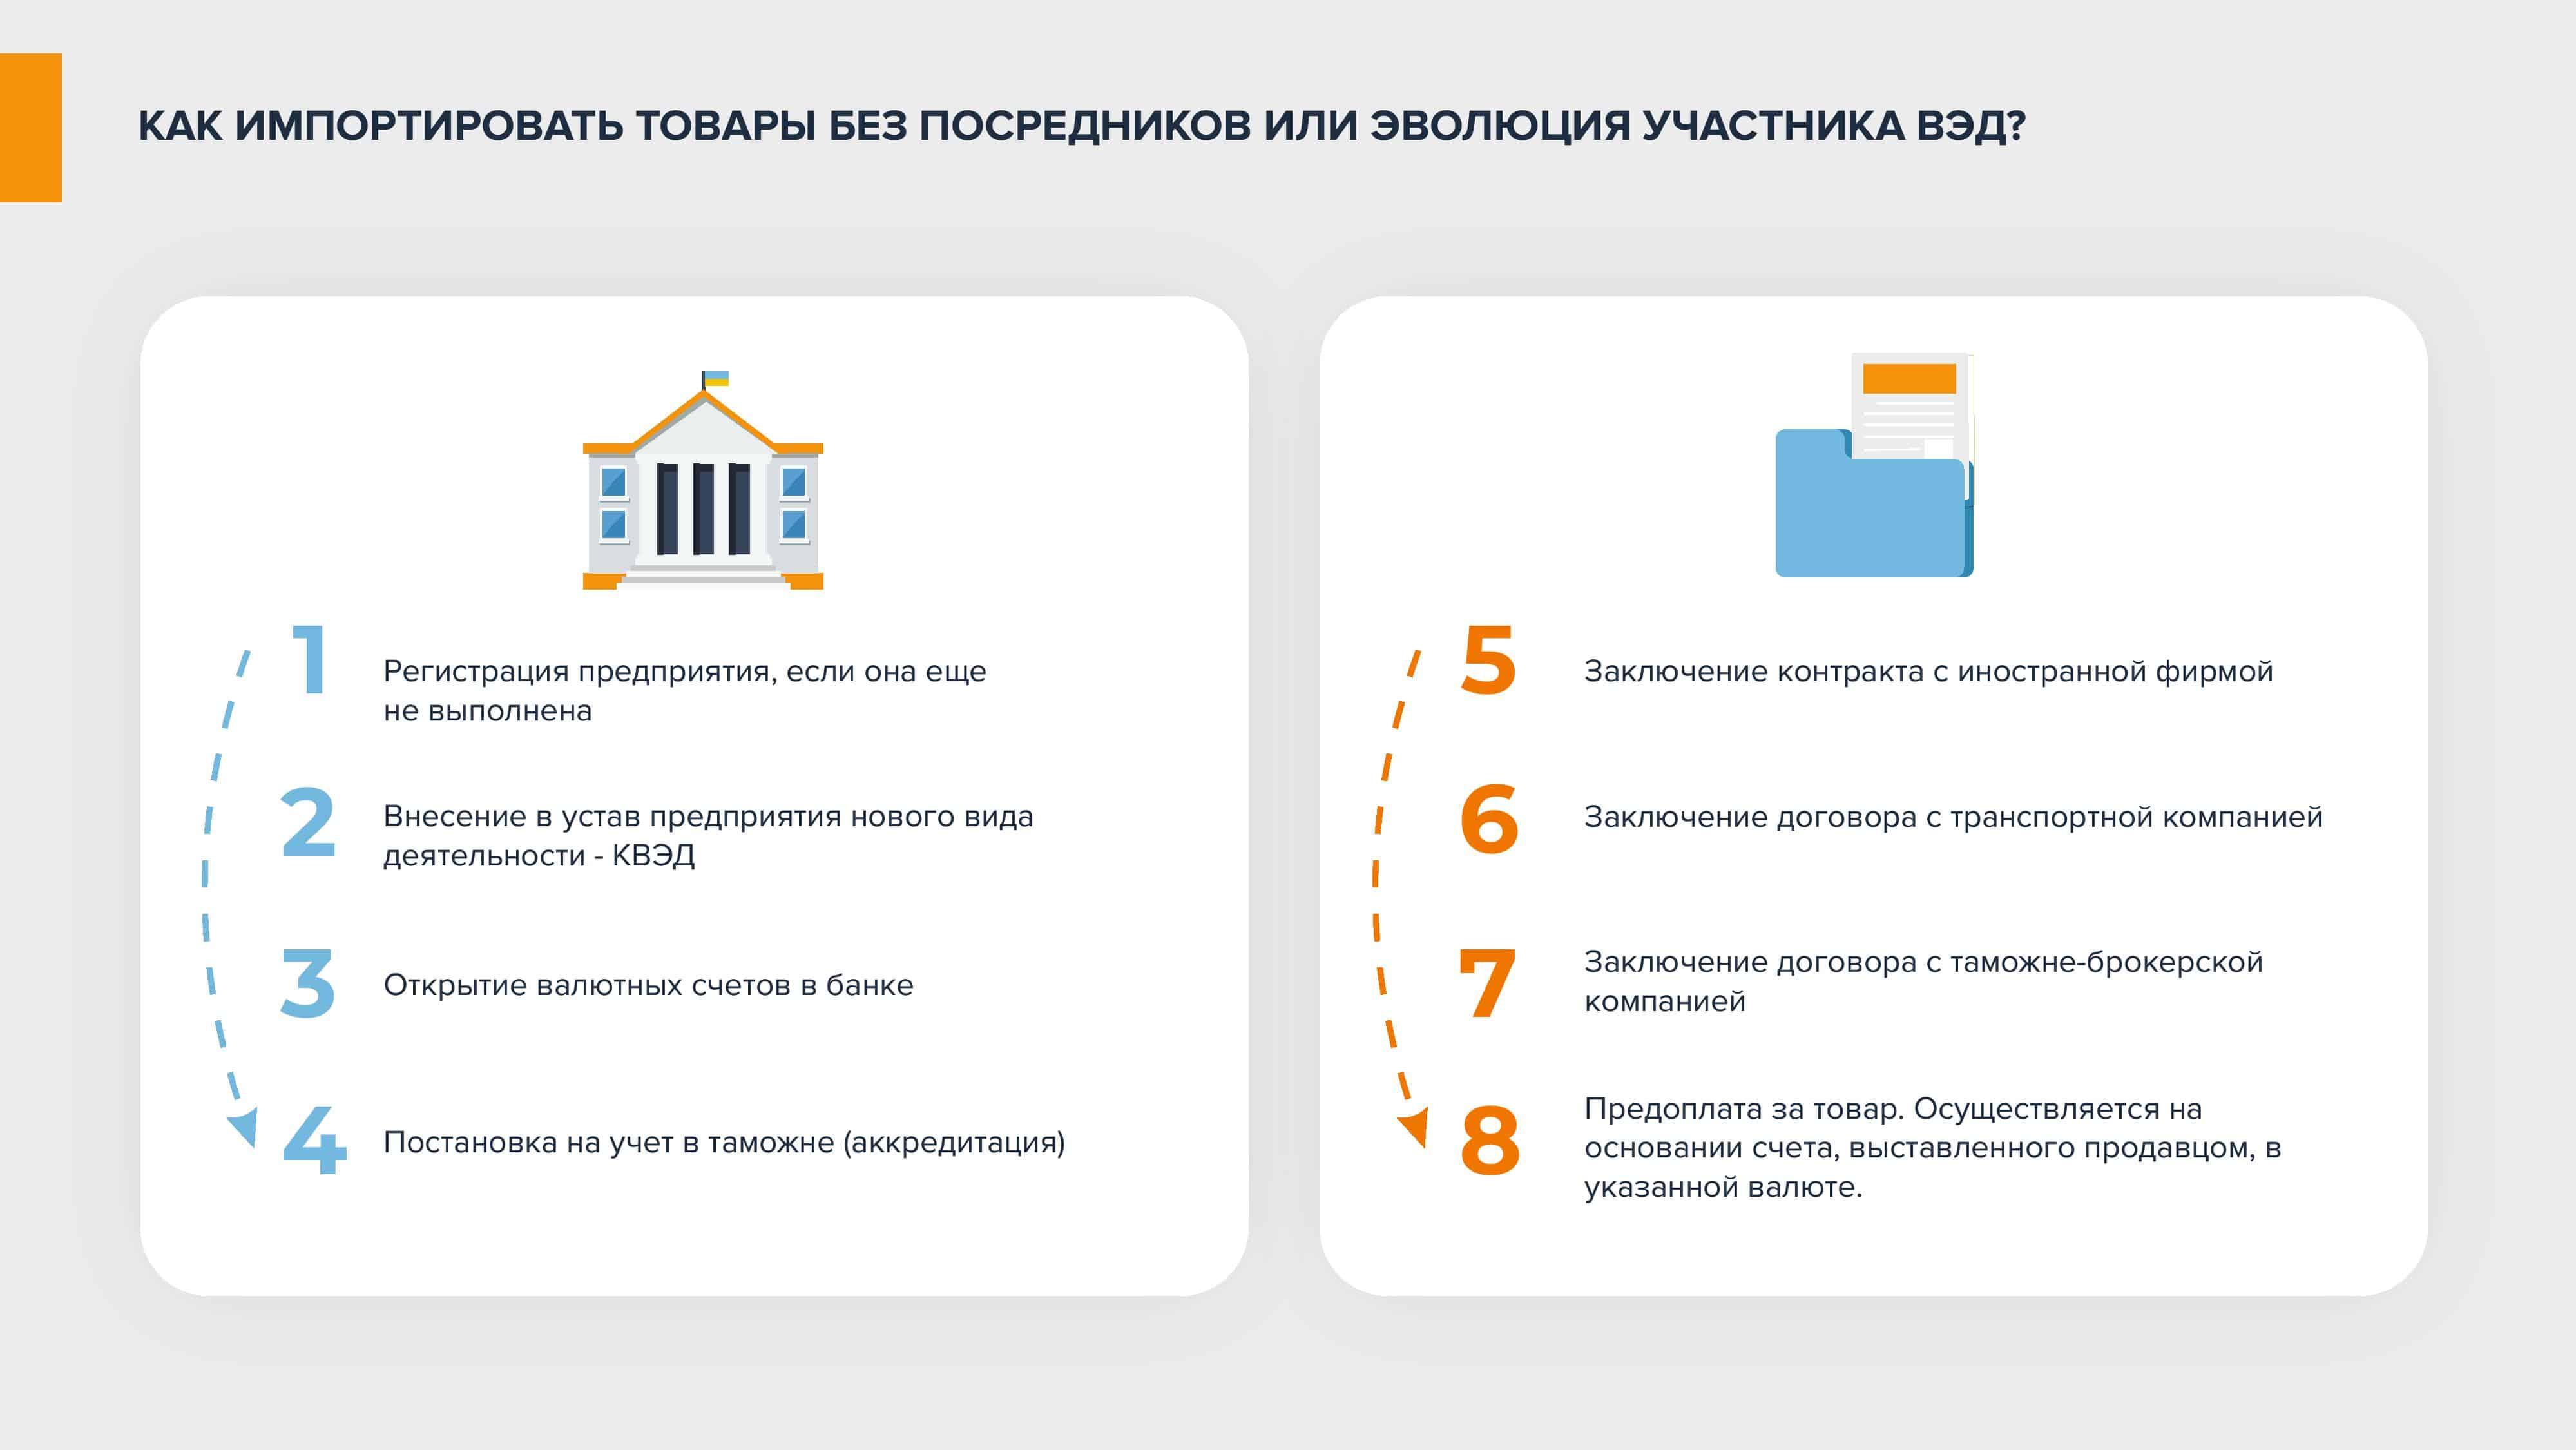 Prezentatsiya-EuroEx - Международная доставка грузов — транспортно логистические перевозки в Украину   EuroEx-  фото5